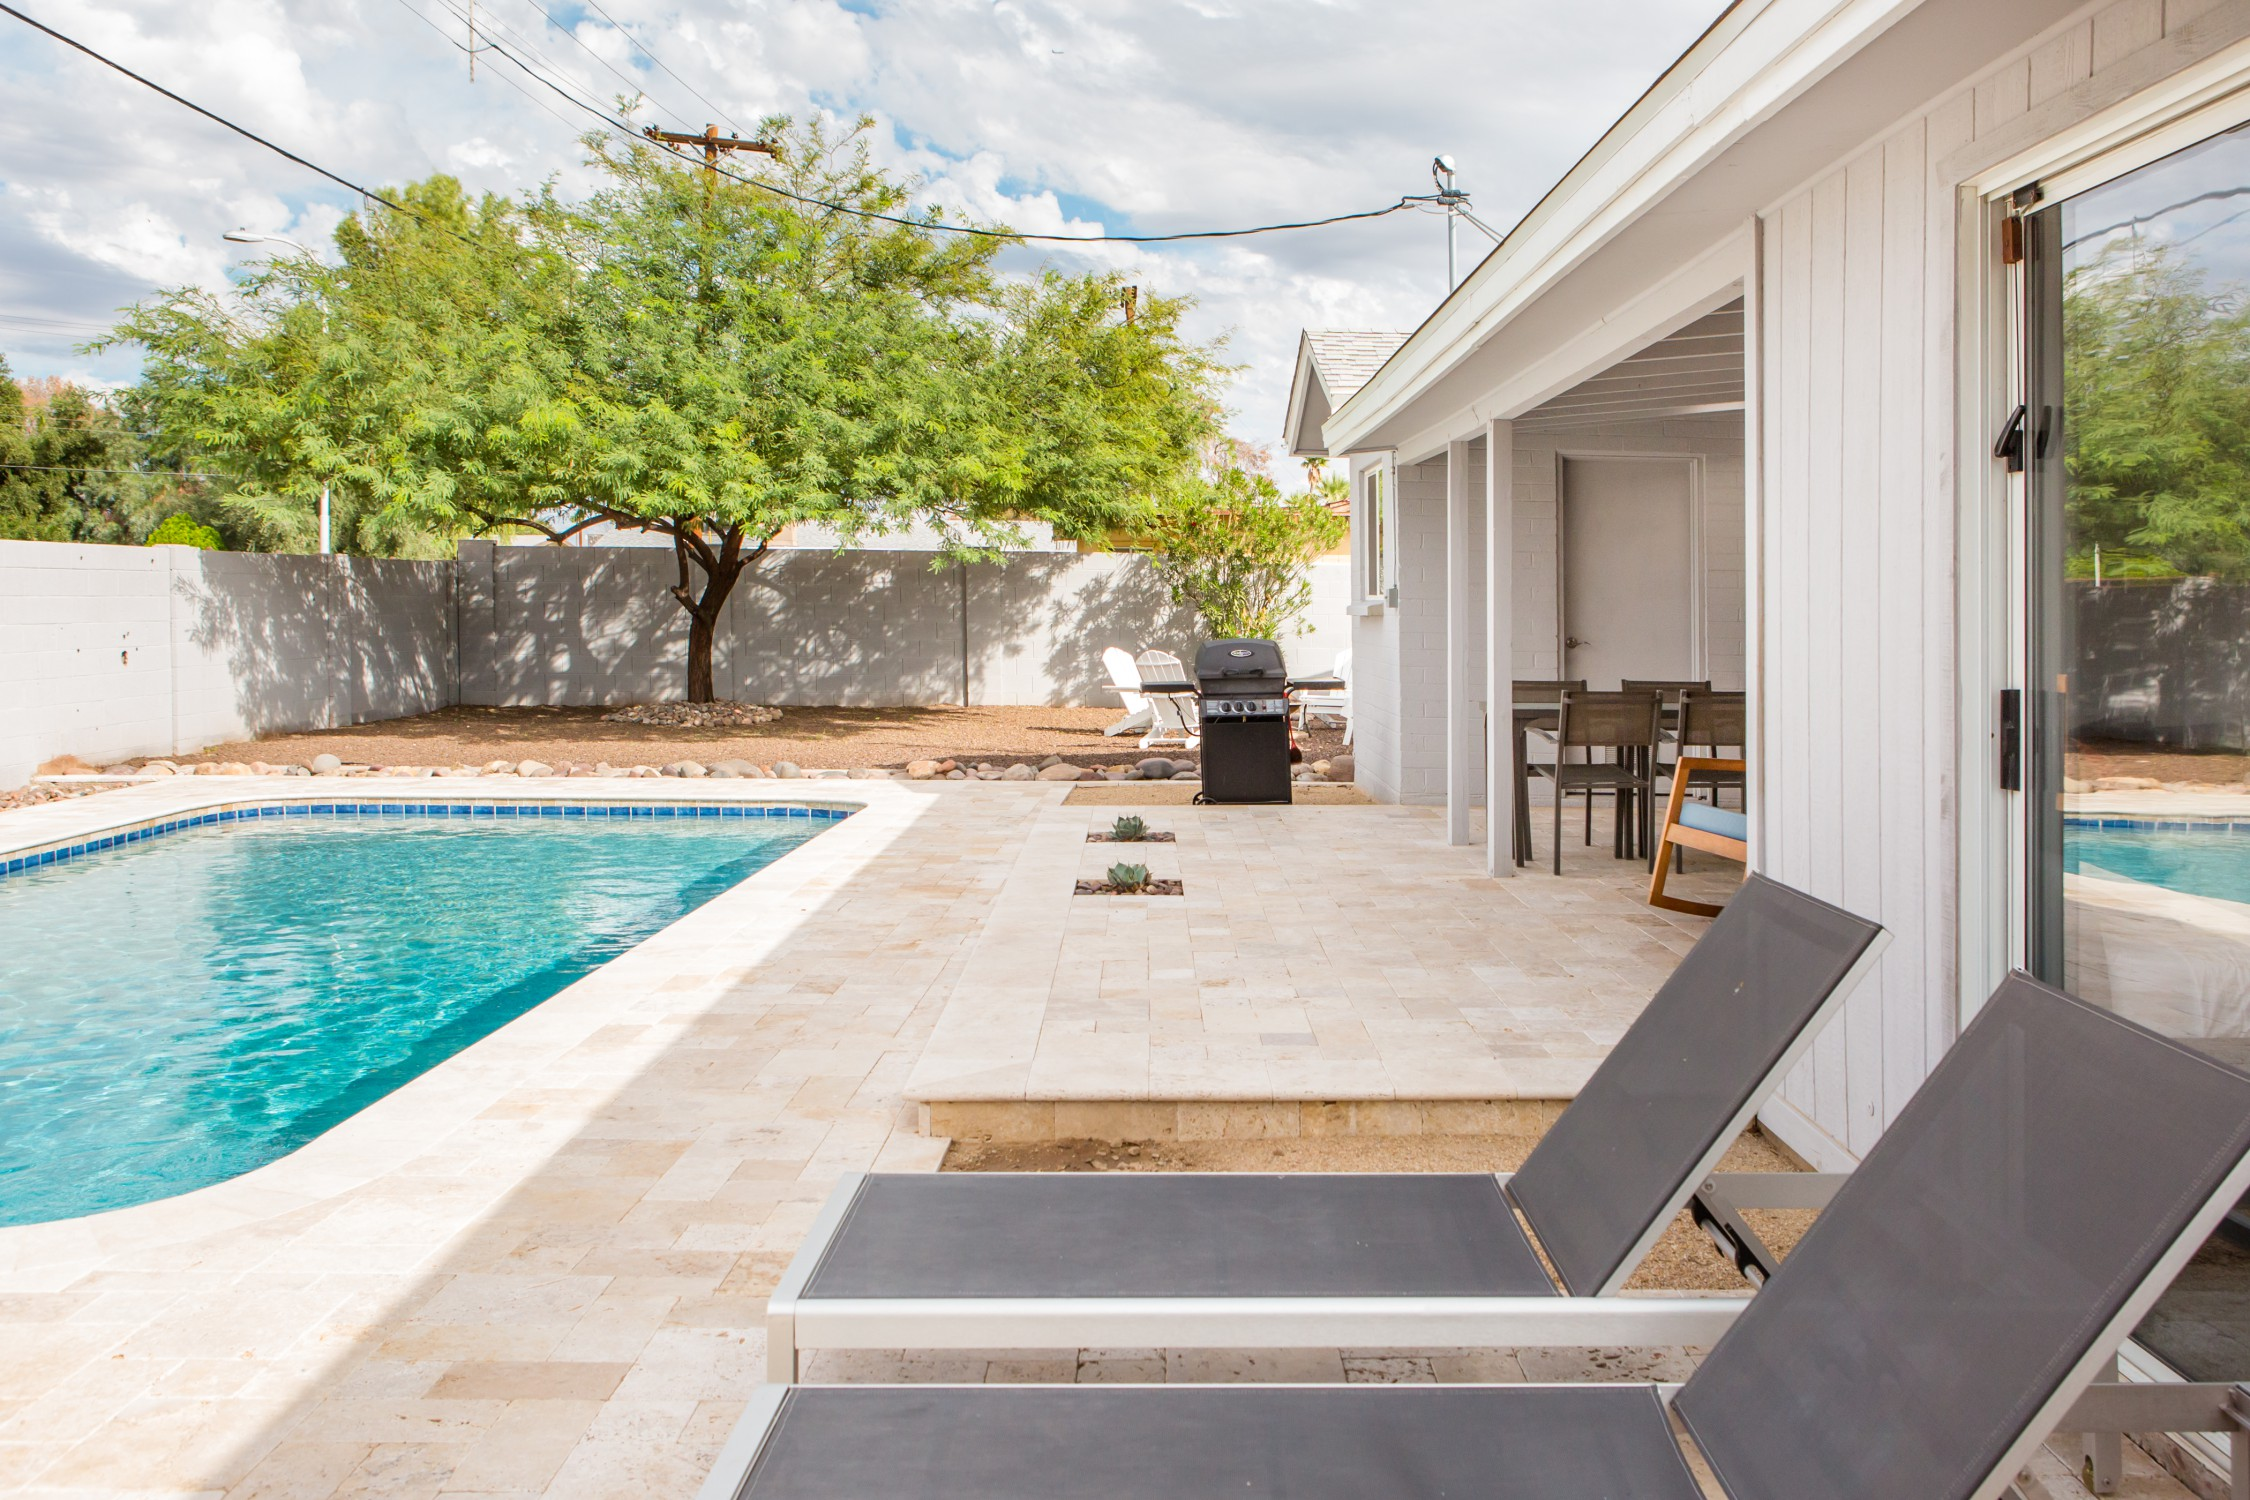 Airbnb Phoenix AZ Entertain Outdoors